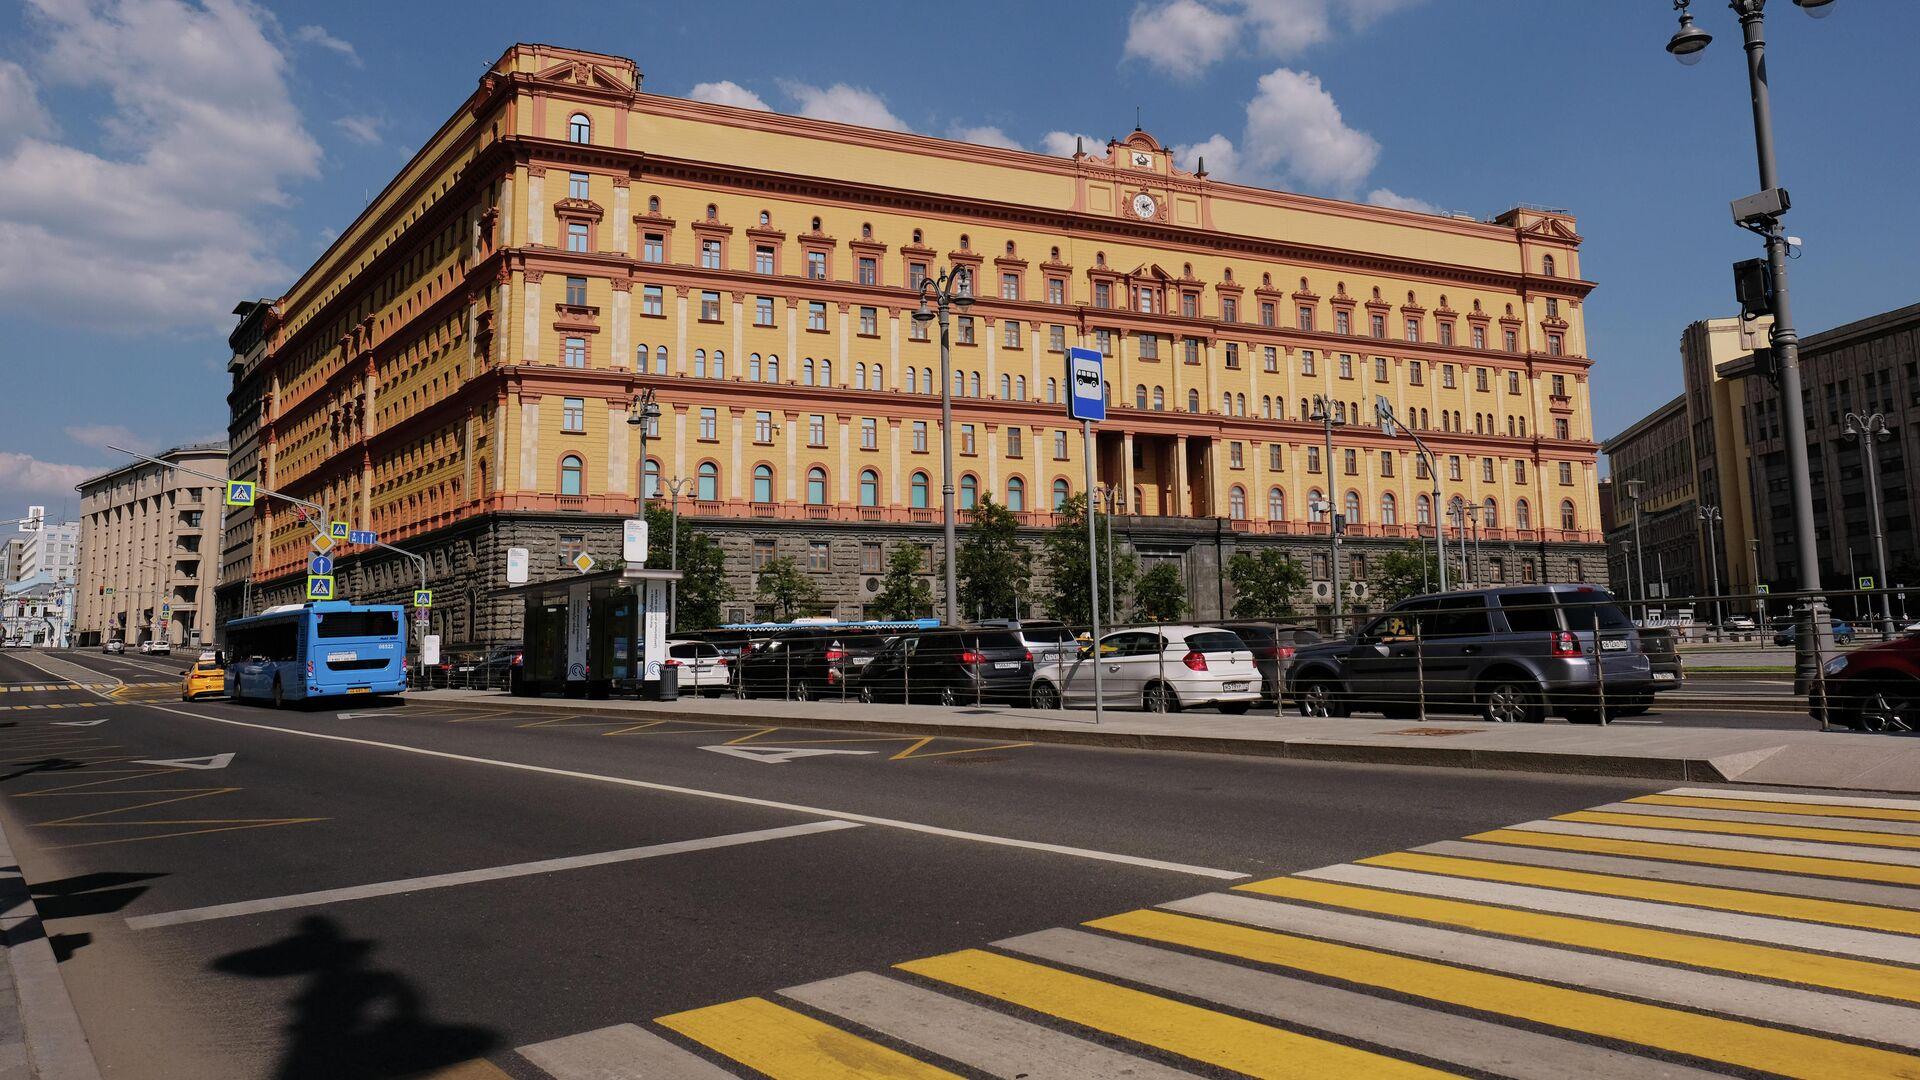 Здание Федеральной службы безопасности (ФСБ) на Лубянской площади в Москве - РИА Новости, 1920, 27.07.2021